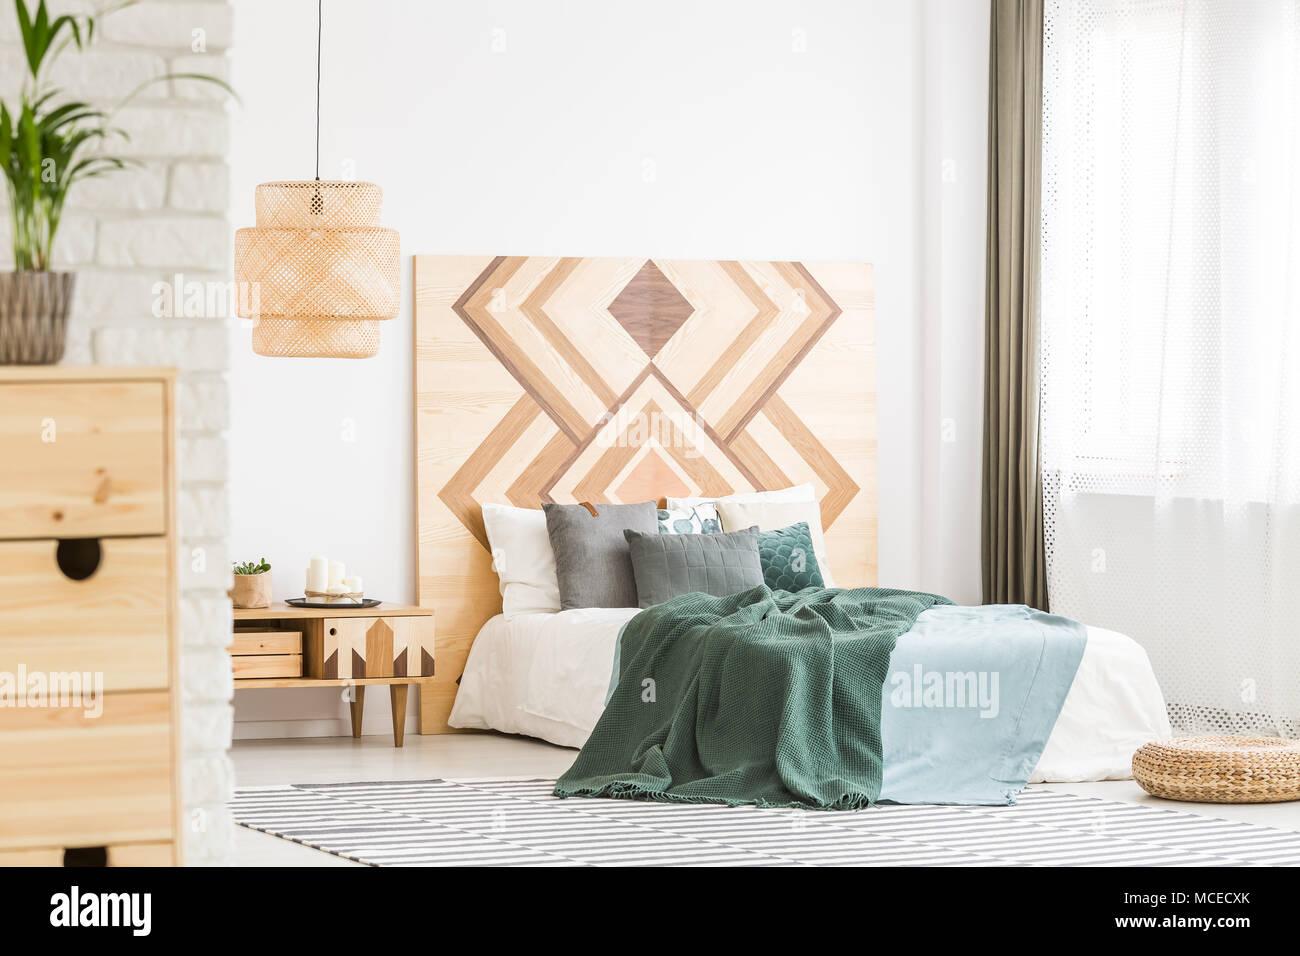 Grün Bettwäsche auf Bett gegen Holz- geometrischen Board in ...